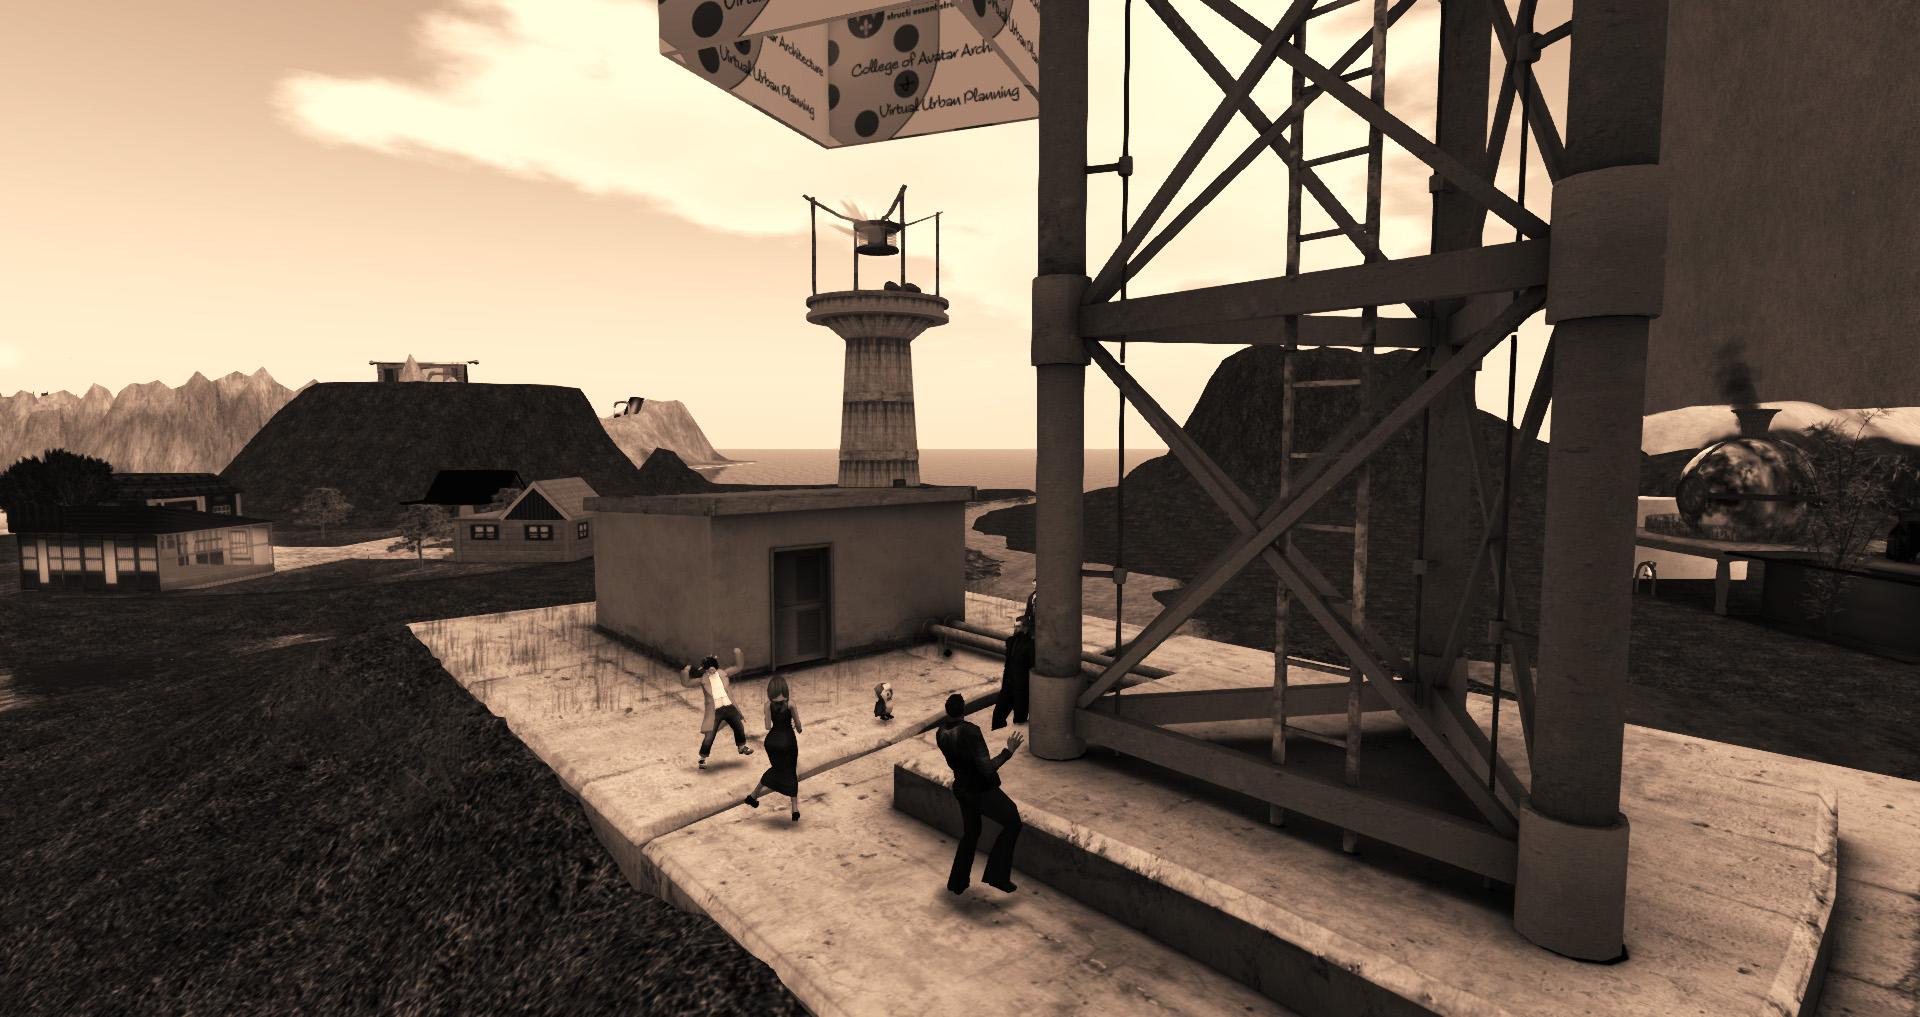 avatars dancing at a radio tower